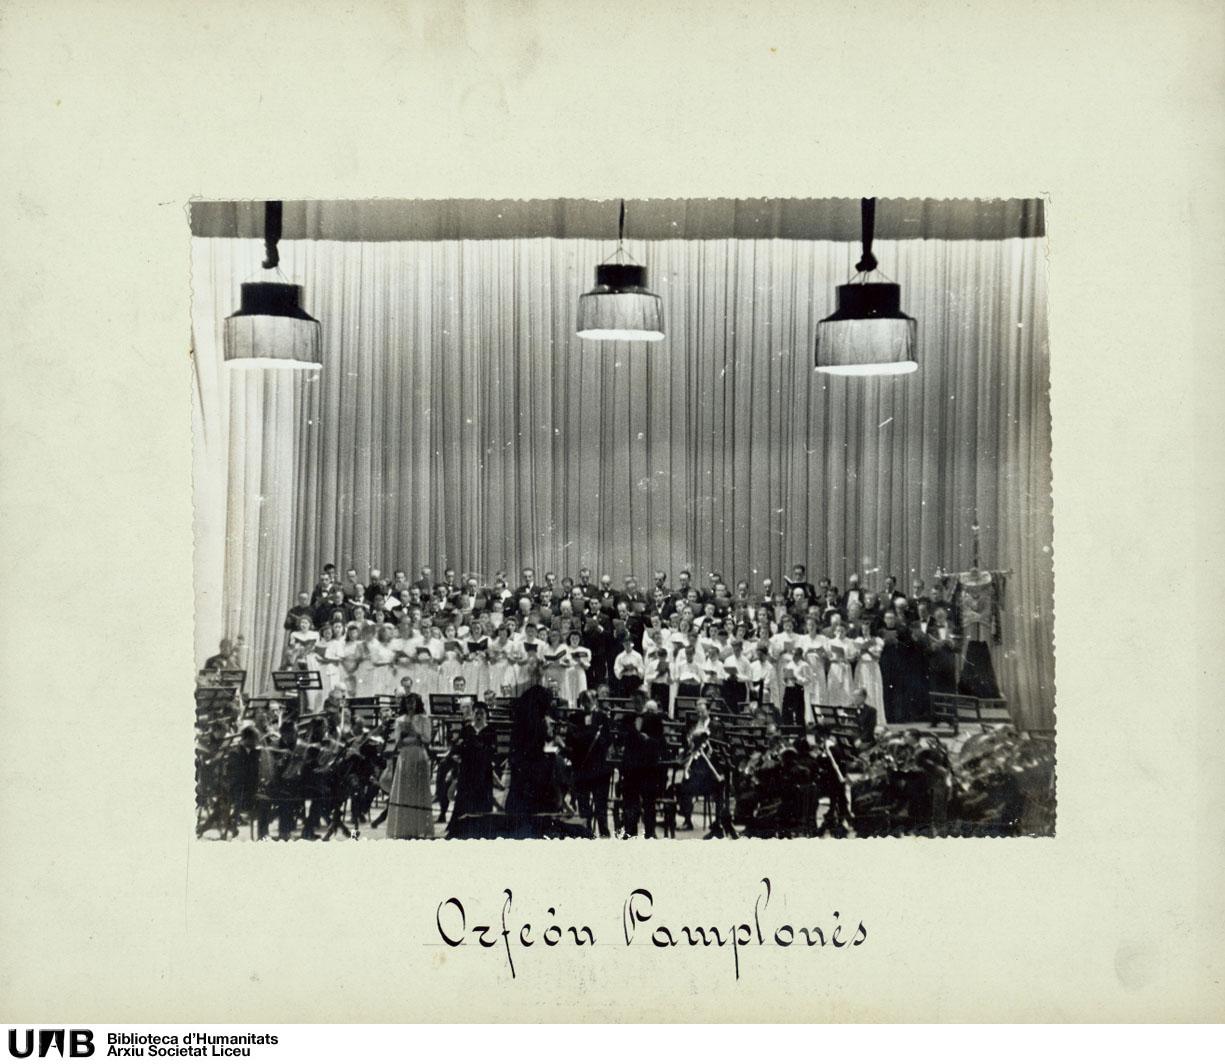 Concert de l'Orfeón Pamplonés